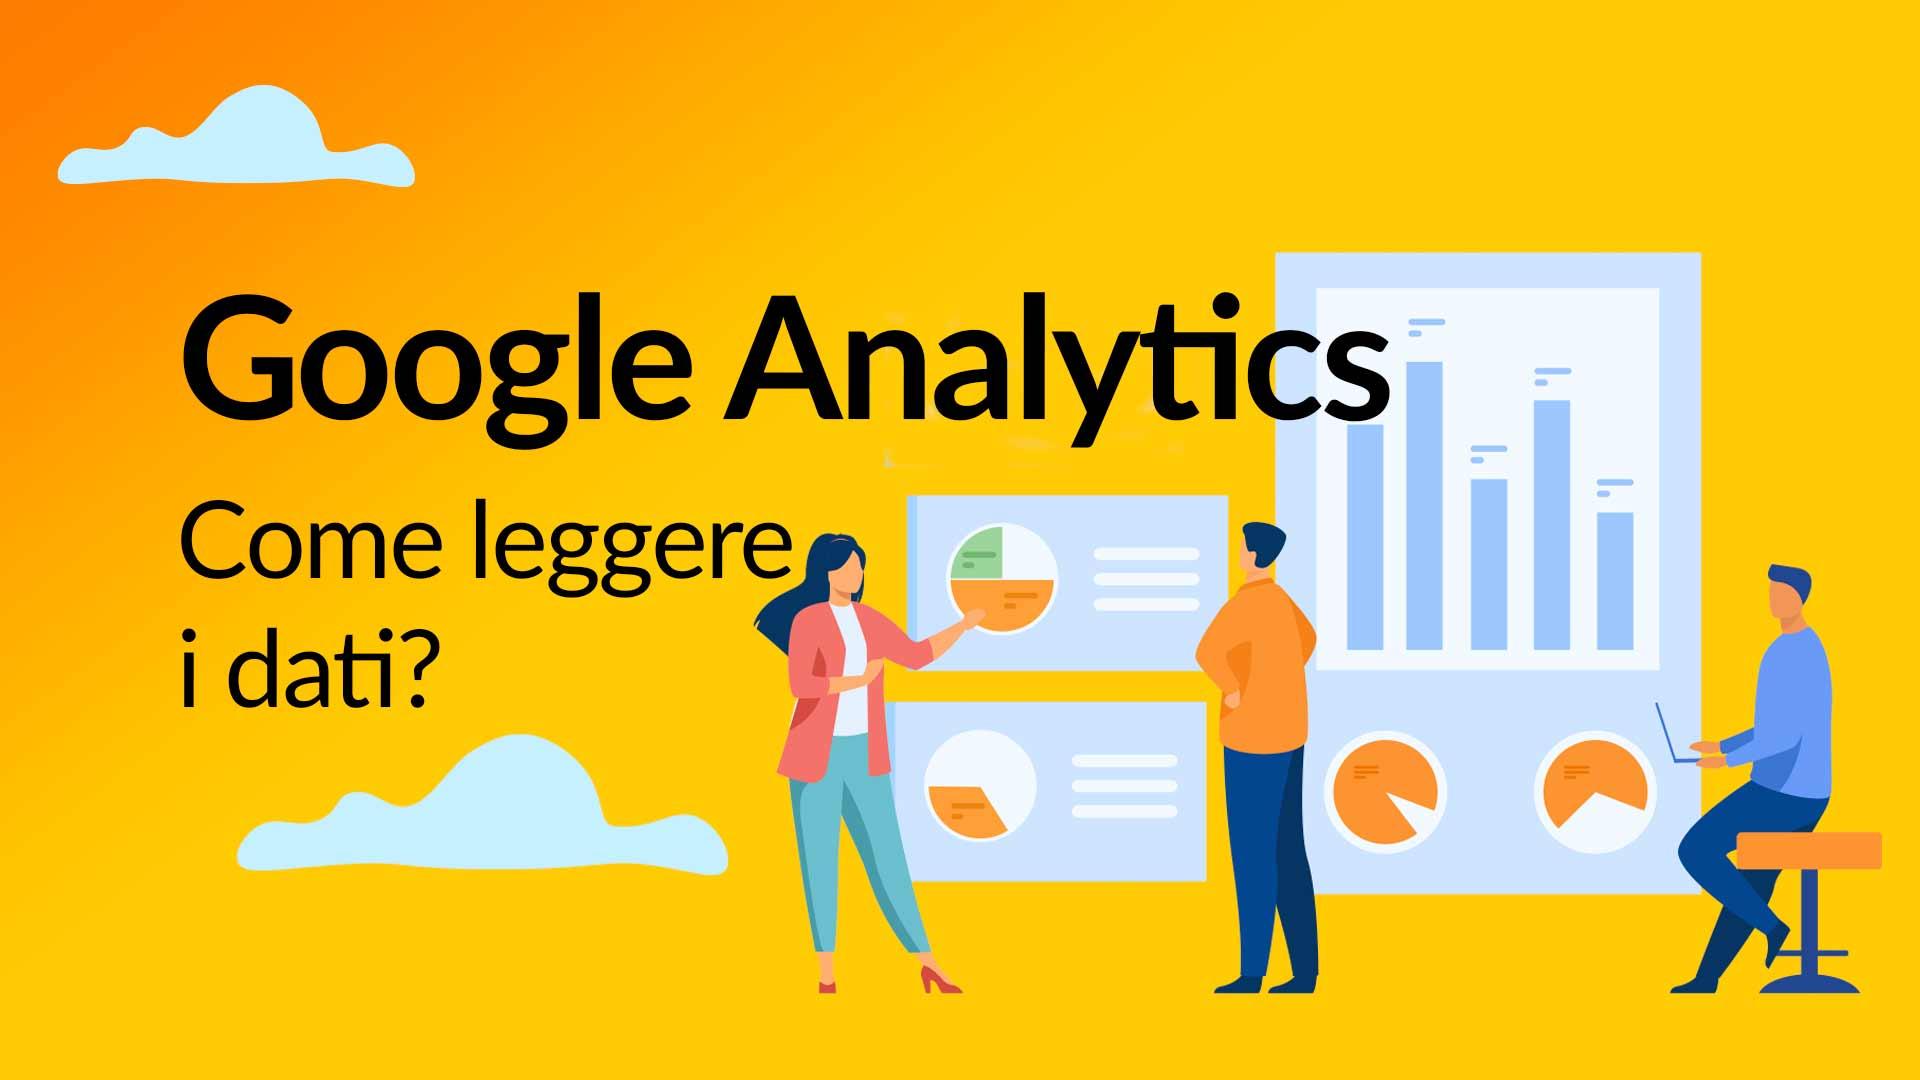 Come leggere i dati di Google Analytics